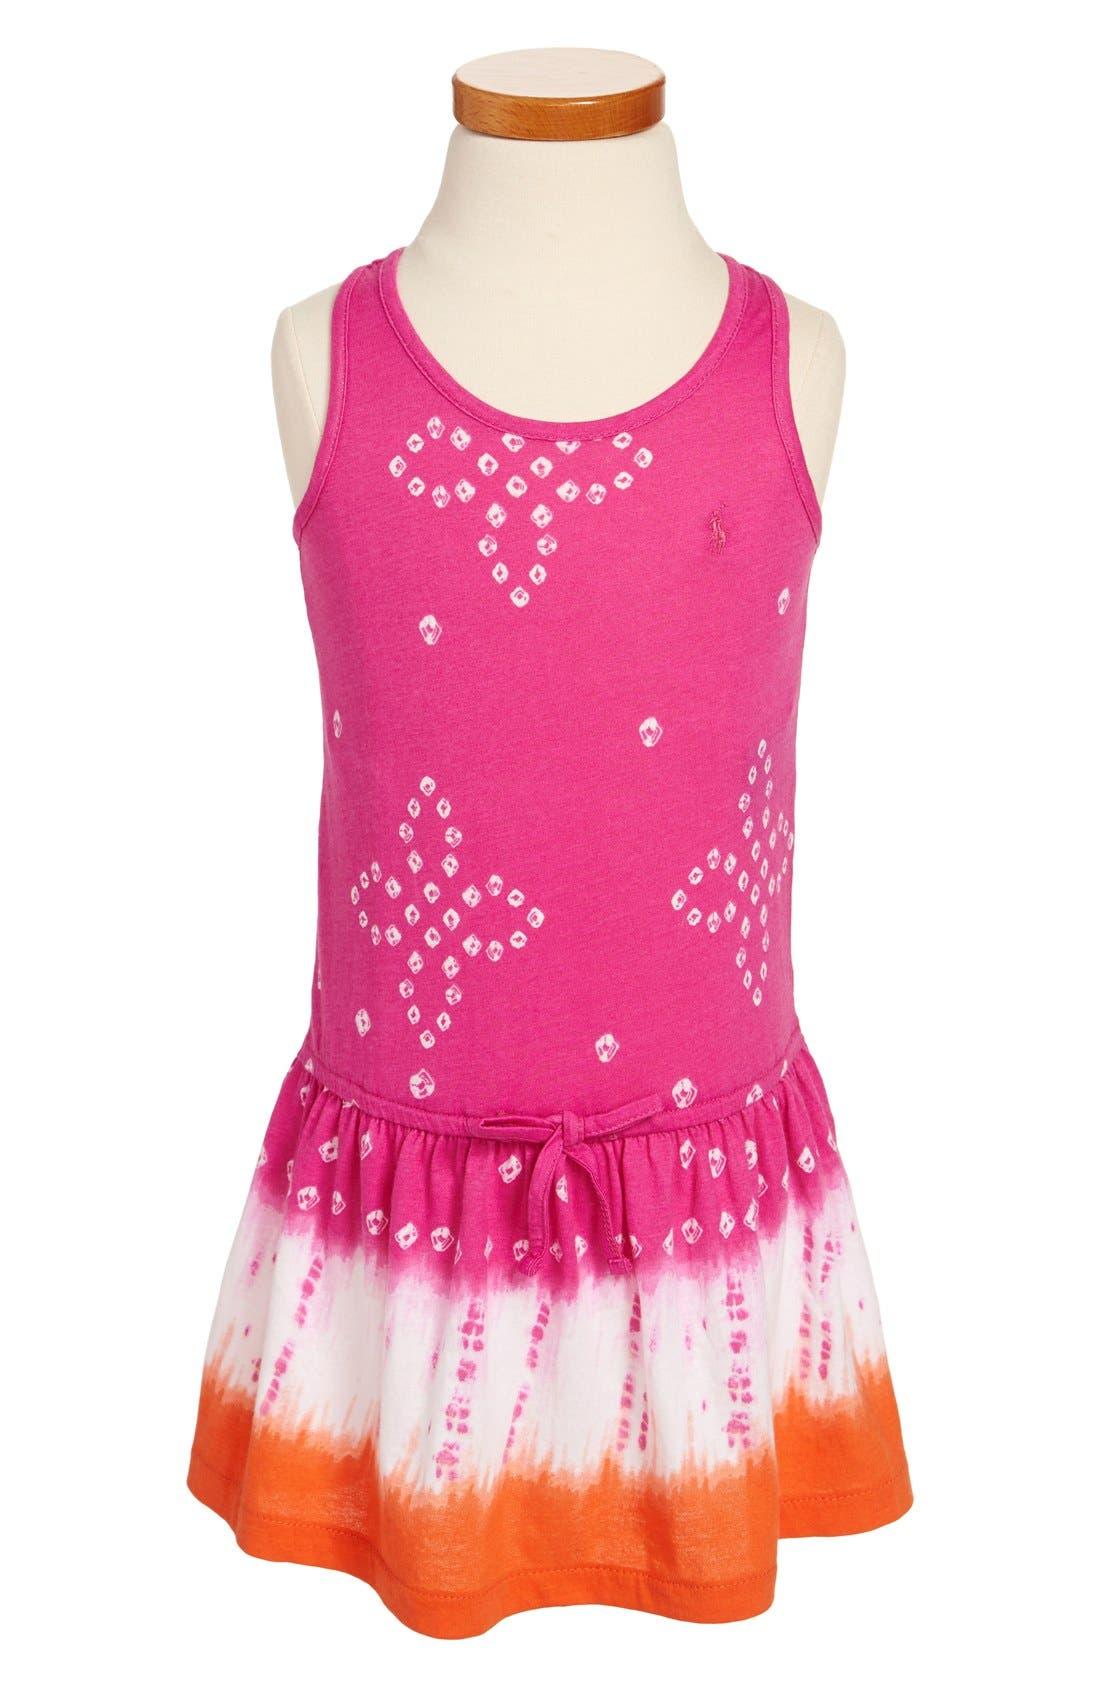 Main Image - Ralph Lauren Tie Dye Racerback Drop Waist Cotton Jersey Dress (Toddler Girls)